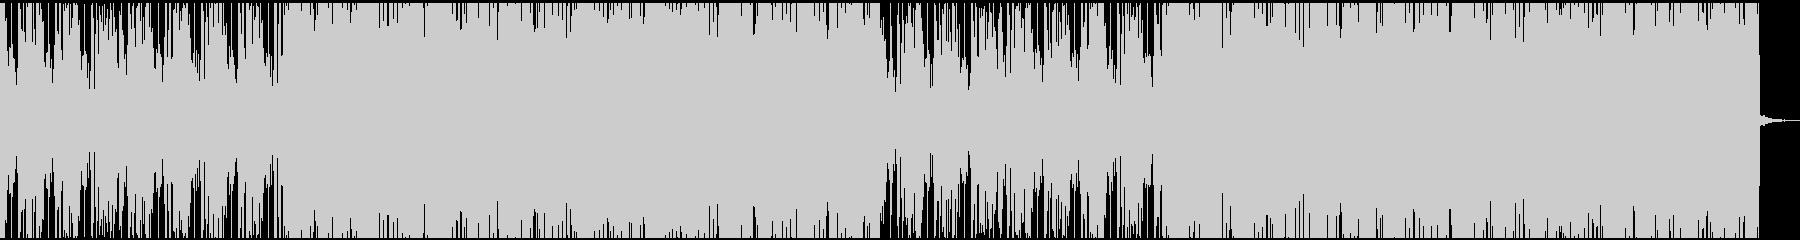 ファイルの未再生の波形